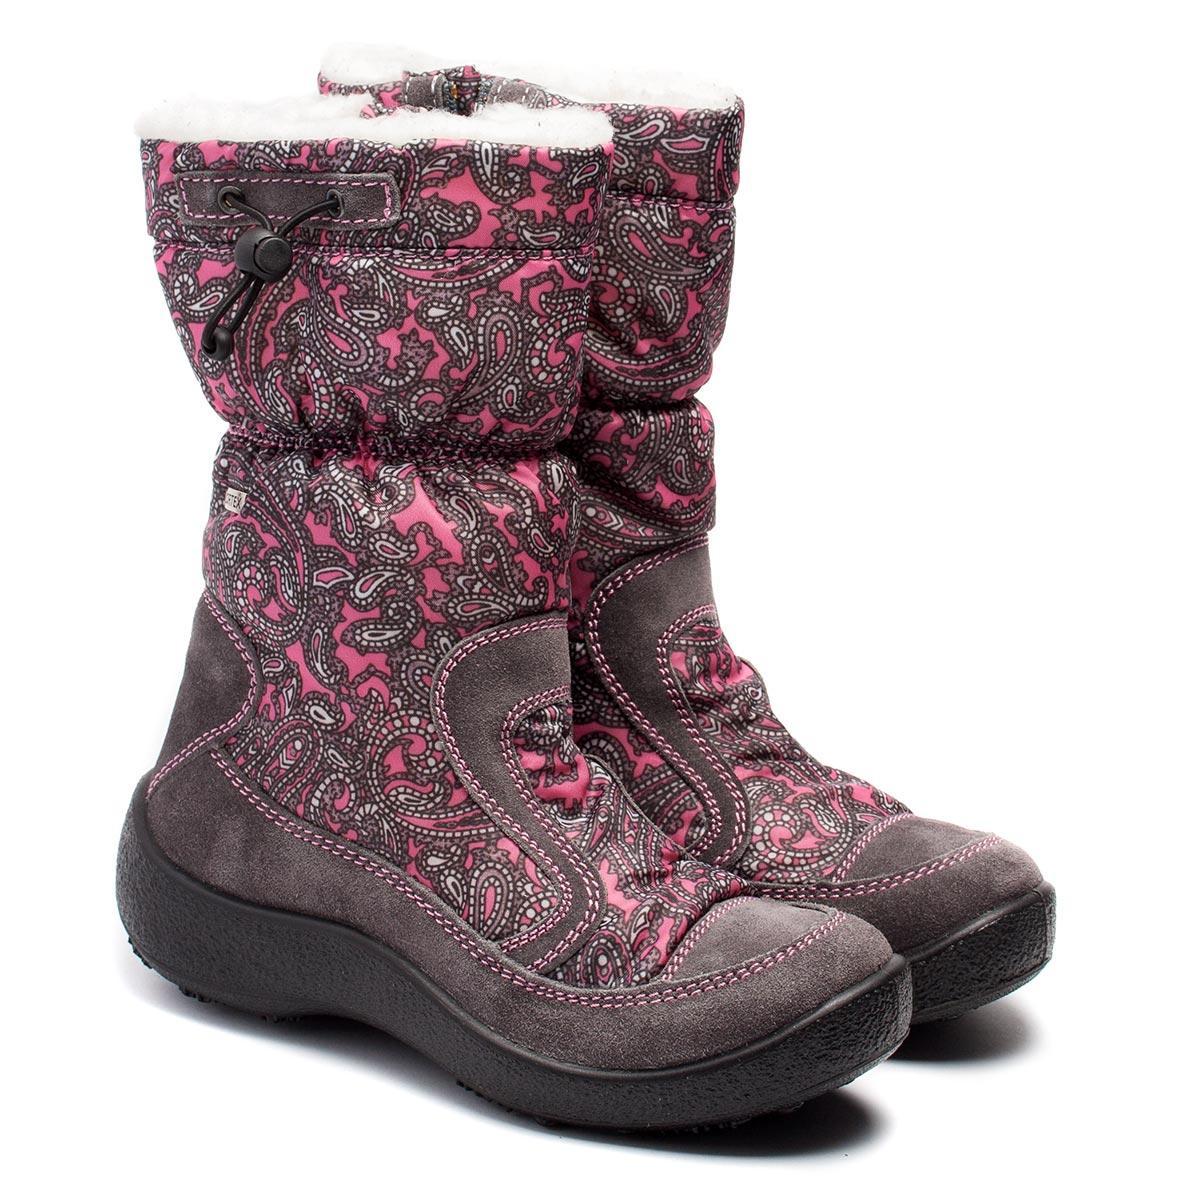 Зимние мембранные сапоги для девочек ТМ Капика (Флоаре), размер 30-36, фото 1